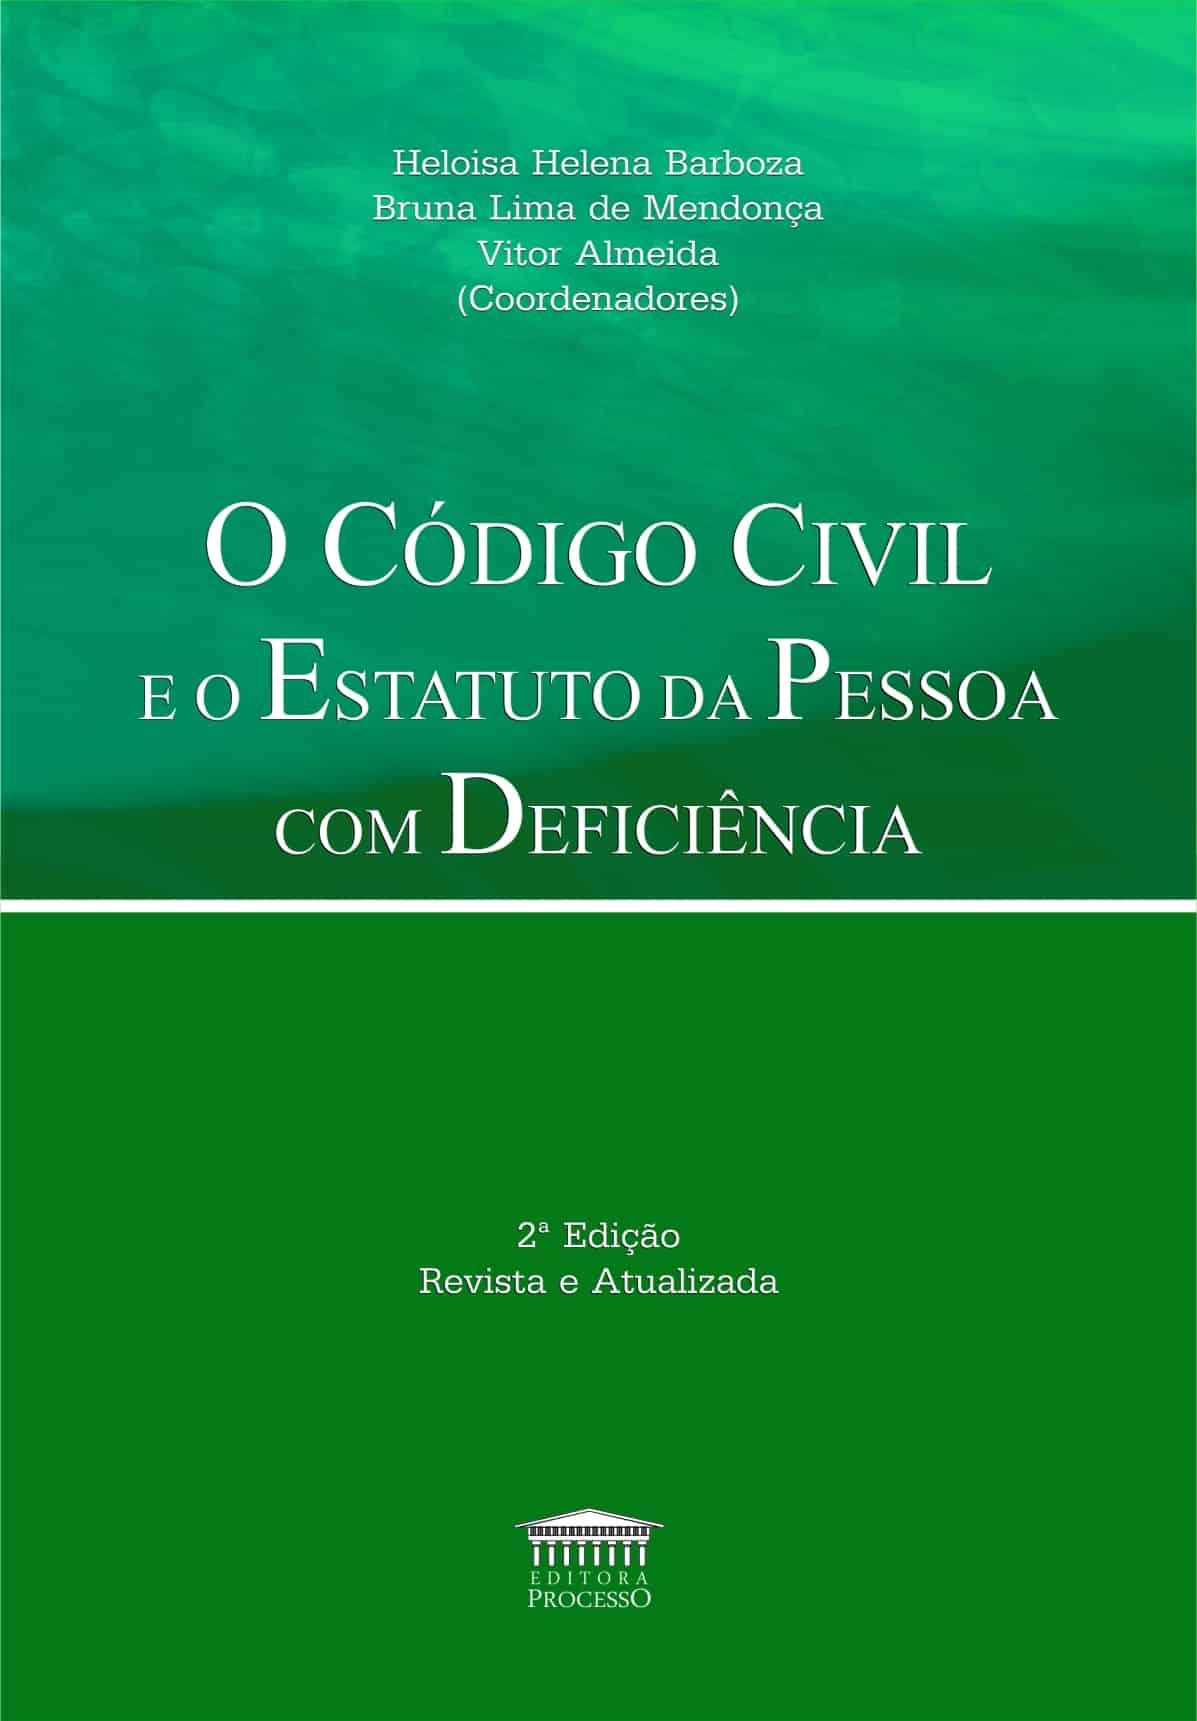 O CÓDIGO CIVIL E O ESTATUTO DA PESSOA COM DEFICIÊNCIA - 2ª EDIÇÃO